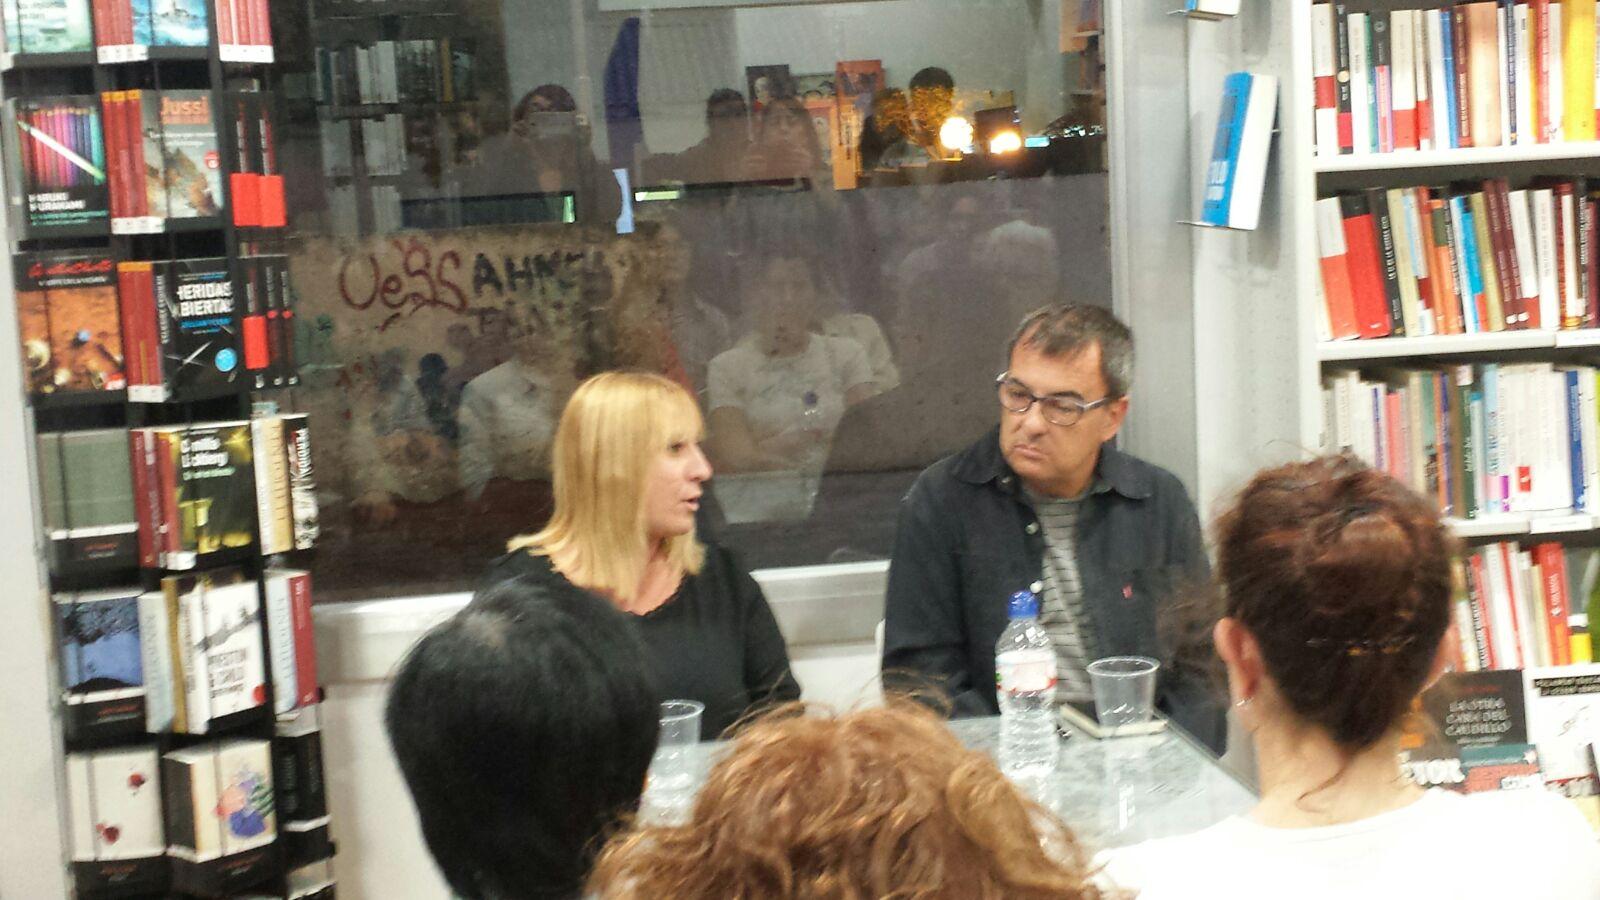 L'autora i el presentador conversen sobre la novel·la. Foto: Adriana Pujol.